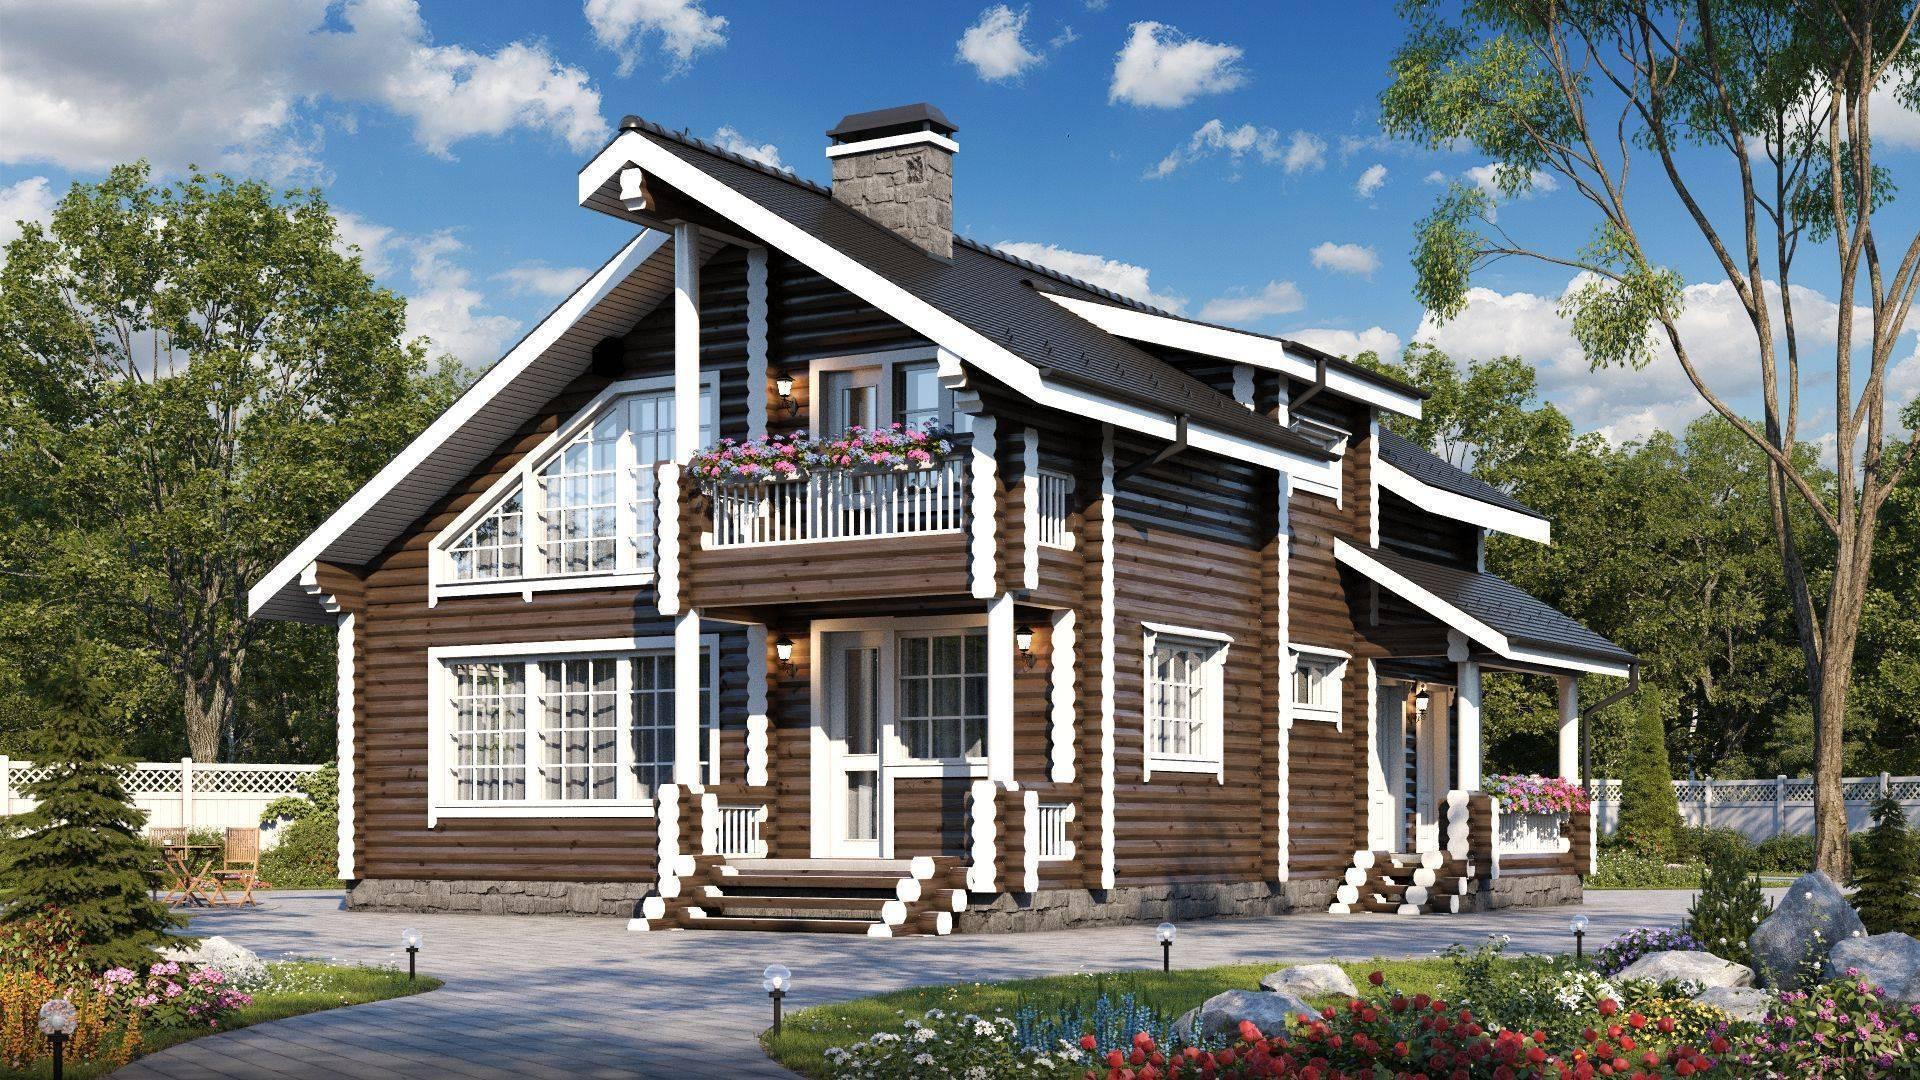 Двухэтажный дом — лучшие проекты, современные идеи, красивые варианты интерьера и экстерьера (100 фото + видео)